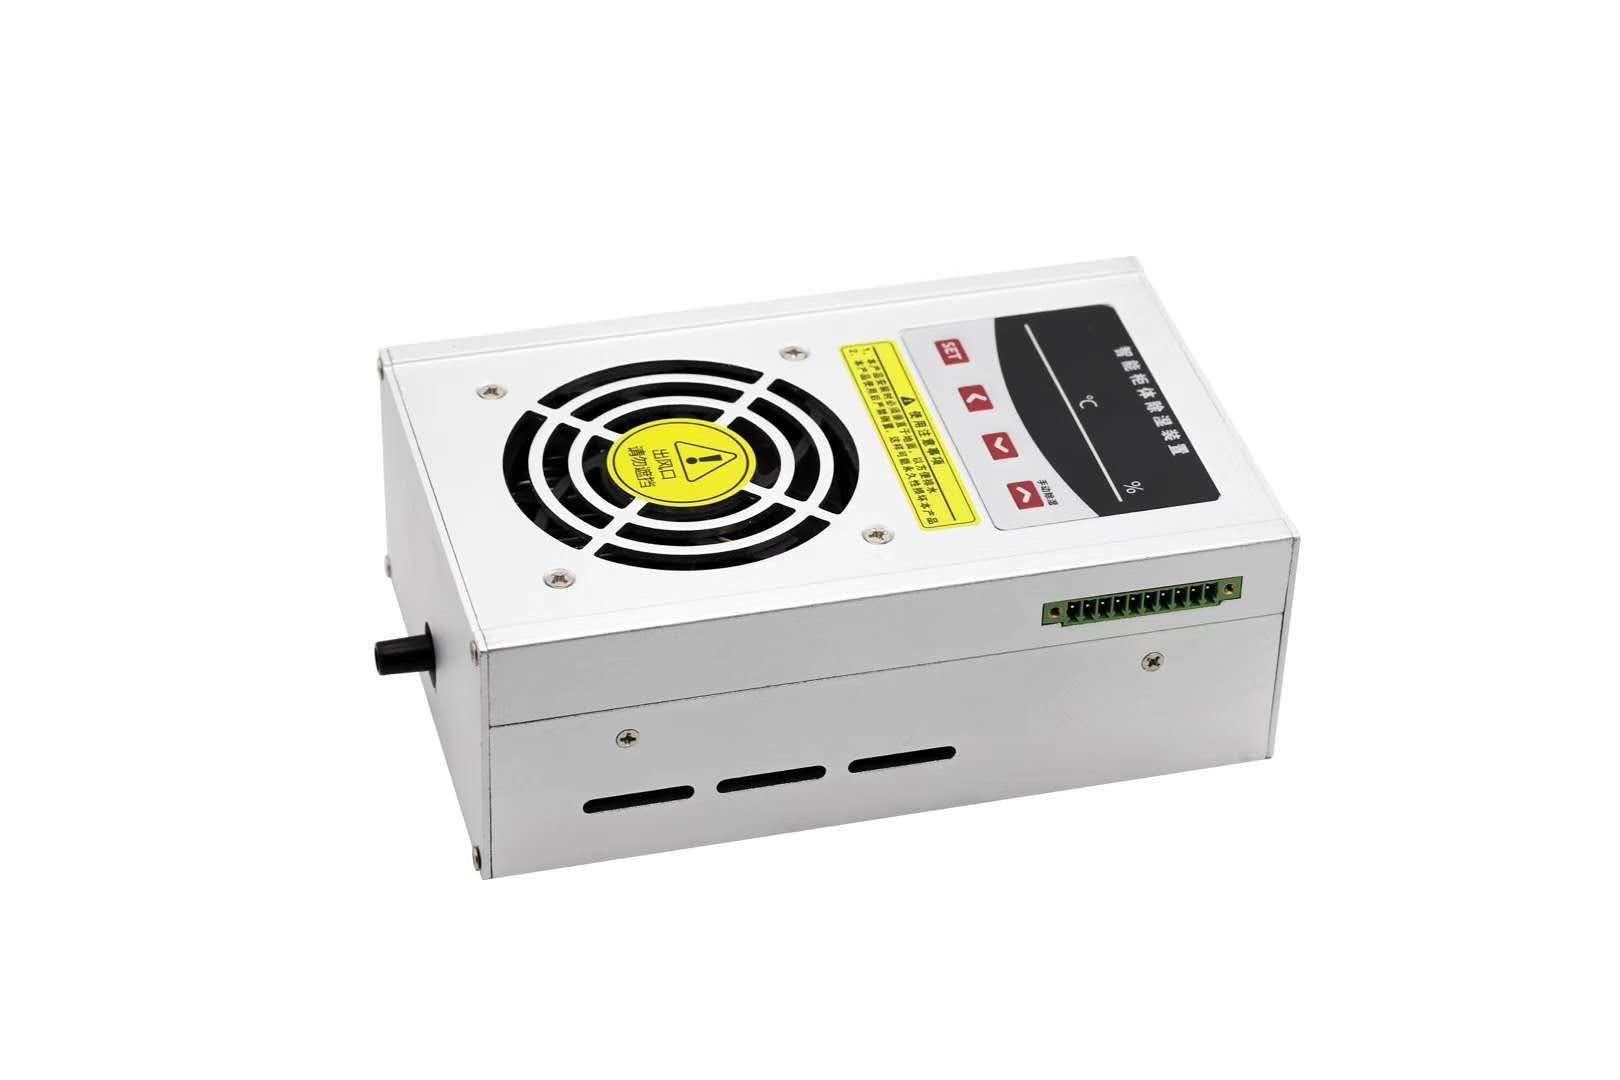 通辽科尔沁左翼后旗LJ82F/280-20-P7智能电容器市场价格